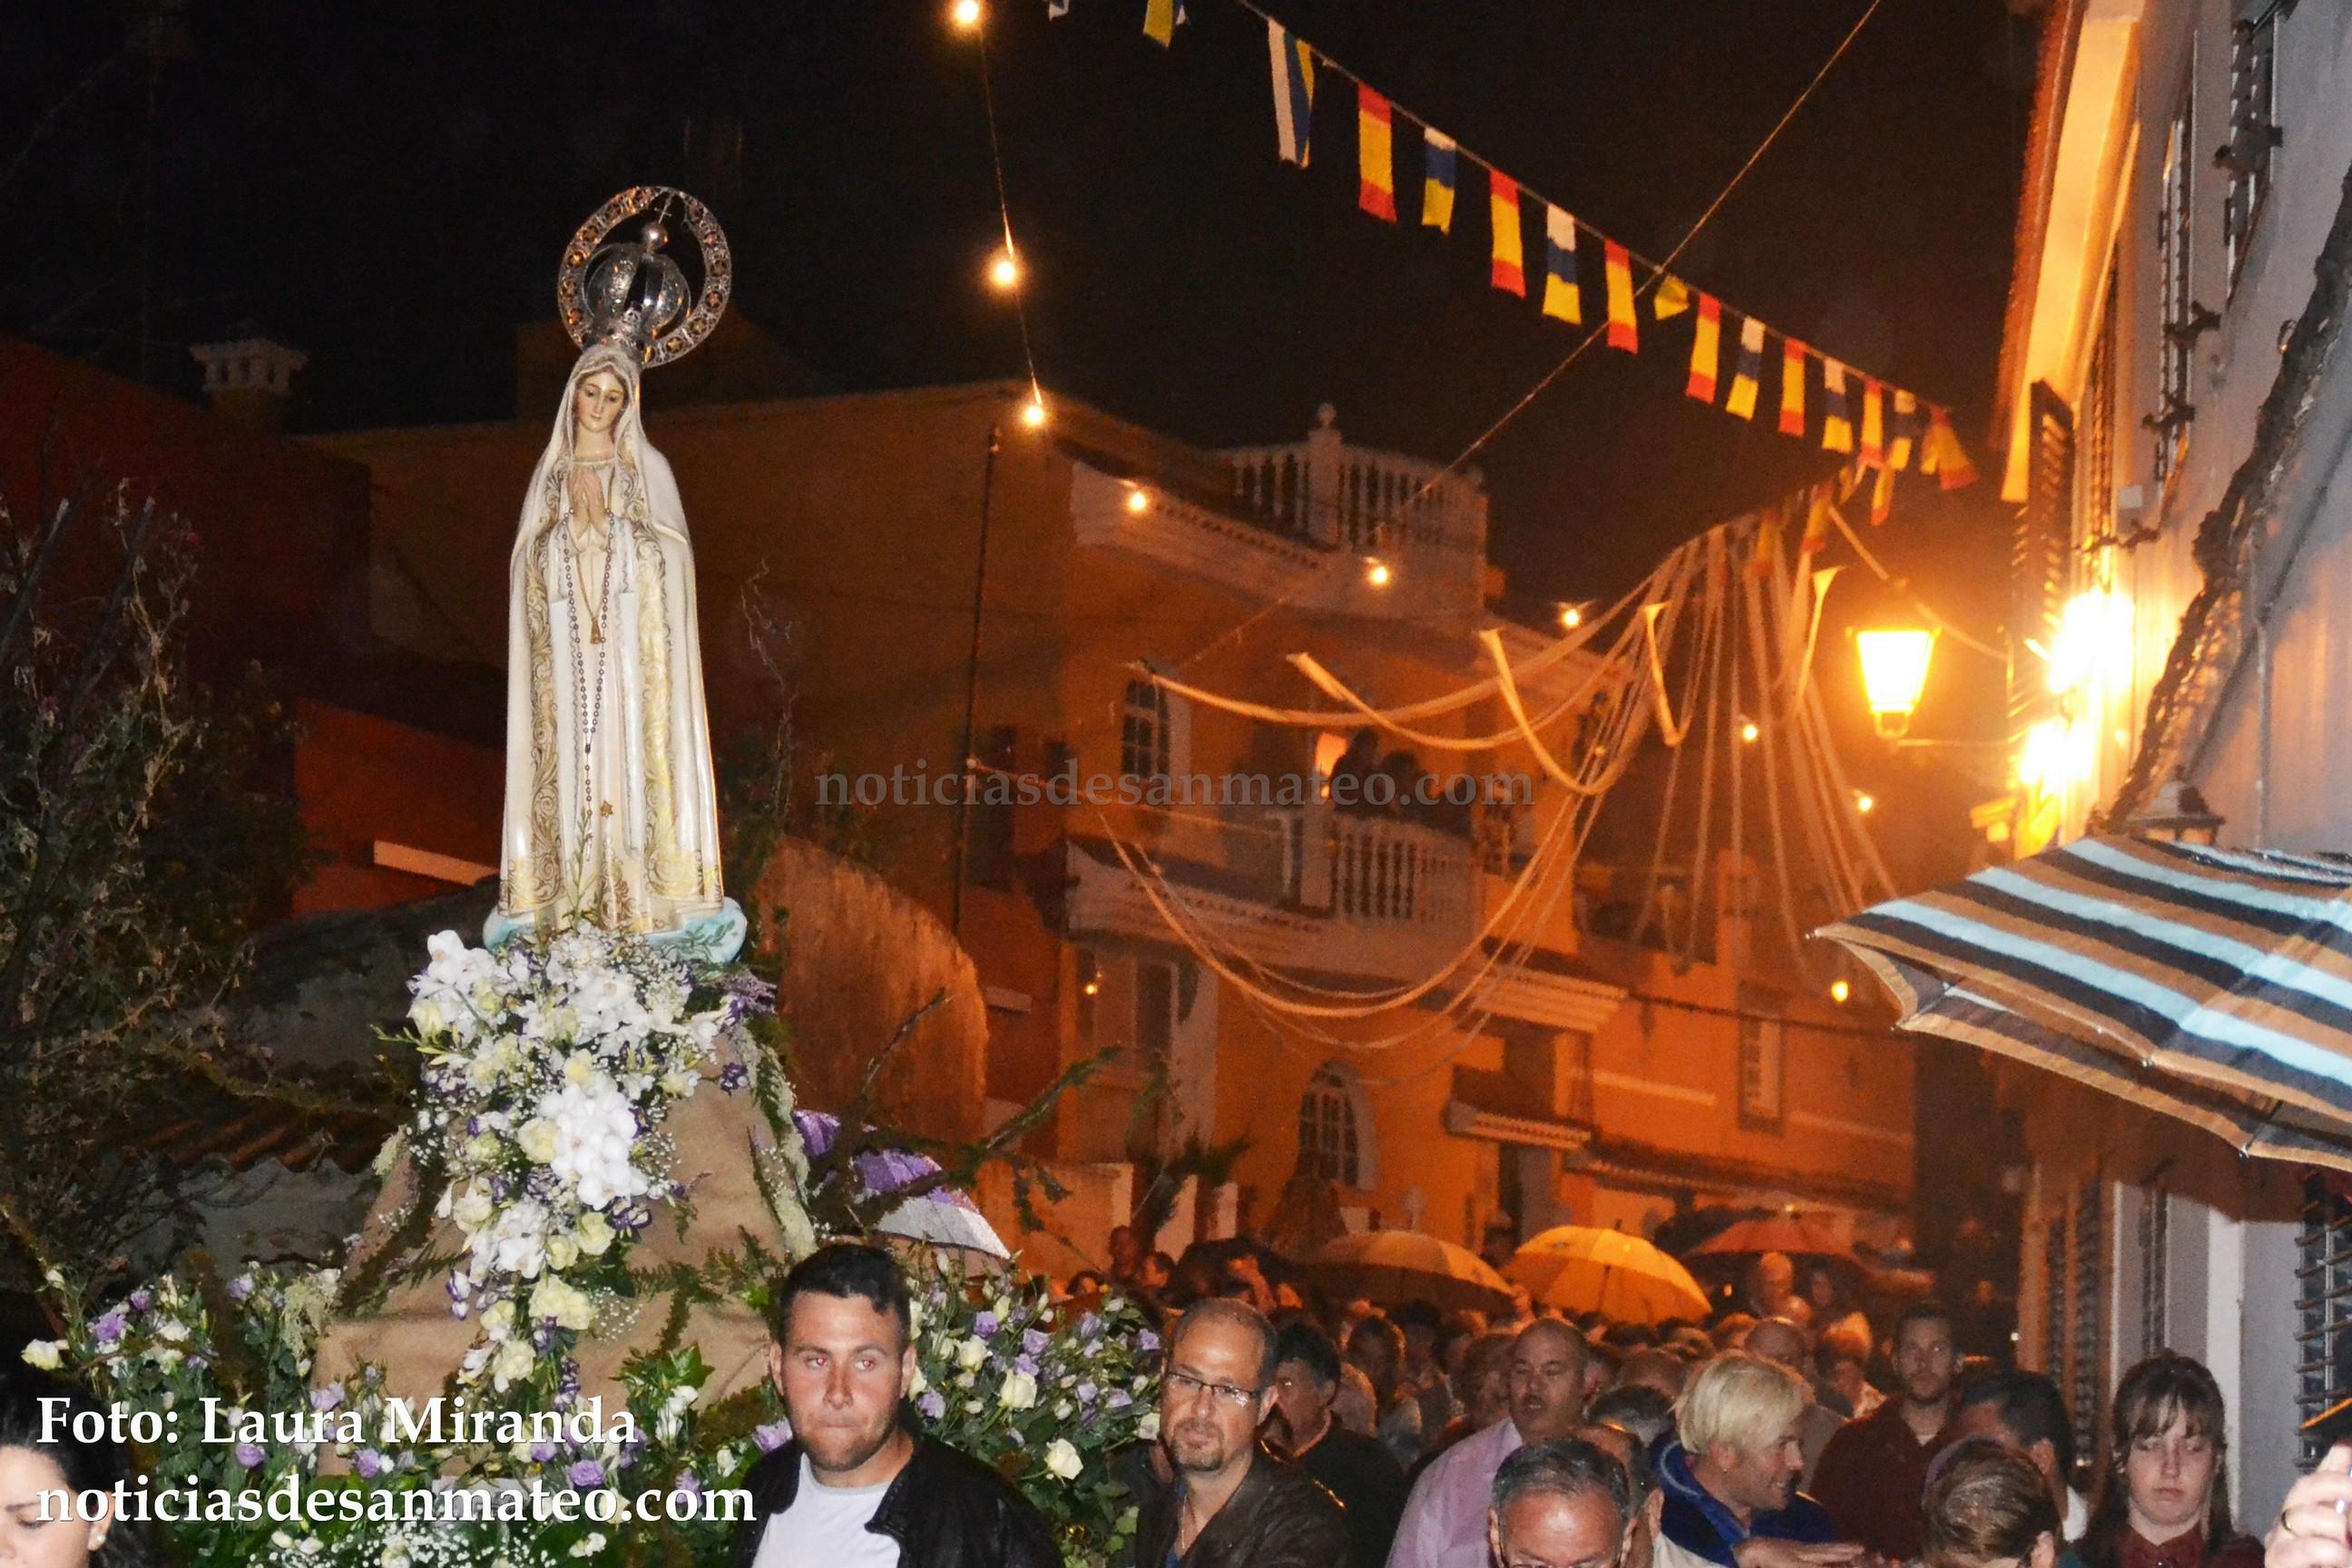 Procesion Virgen de Fatima Domingo 8 de mayo de 2016 Foto Laura Miranda Noticias de San Mateo